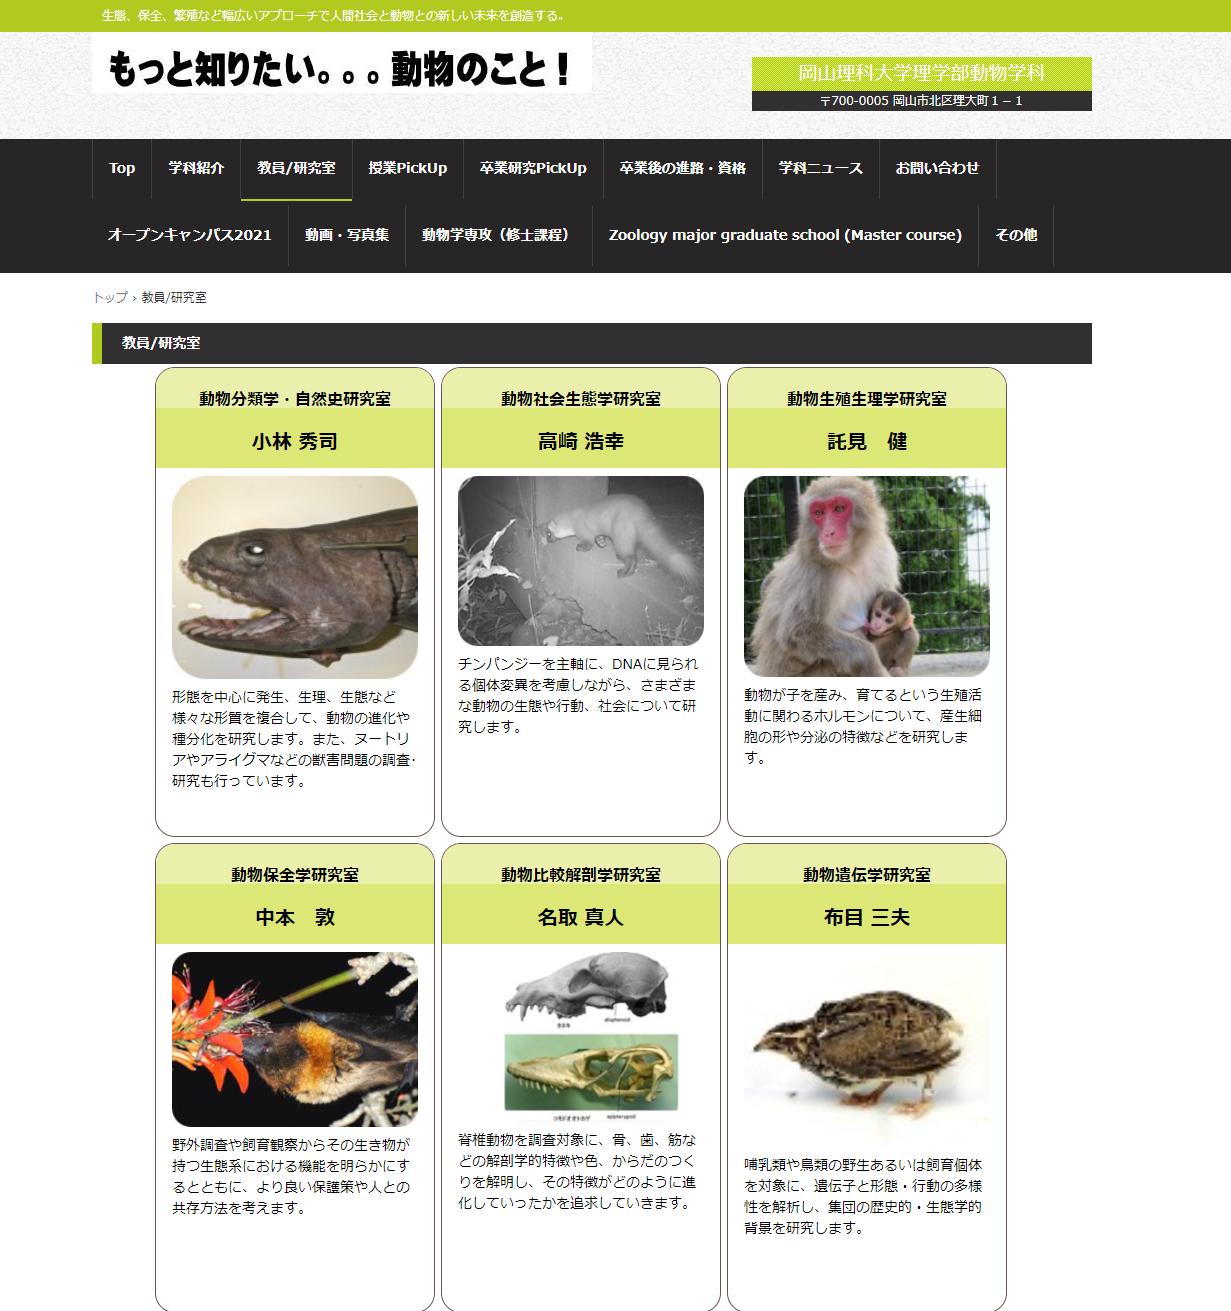 okayamarikau_top (2)